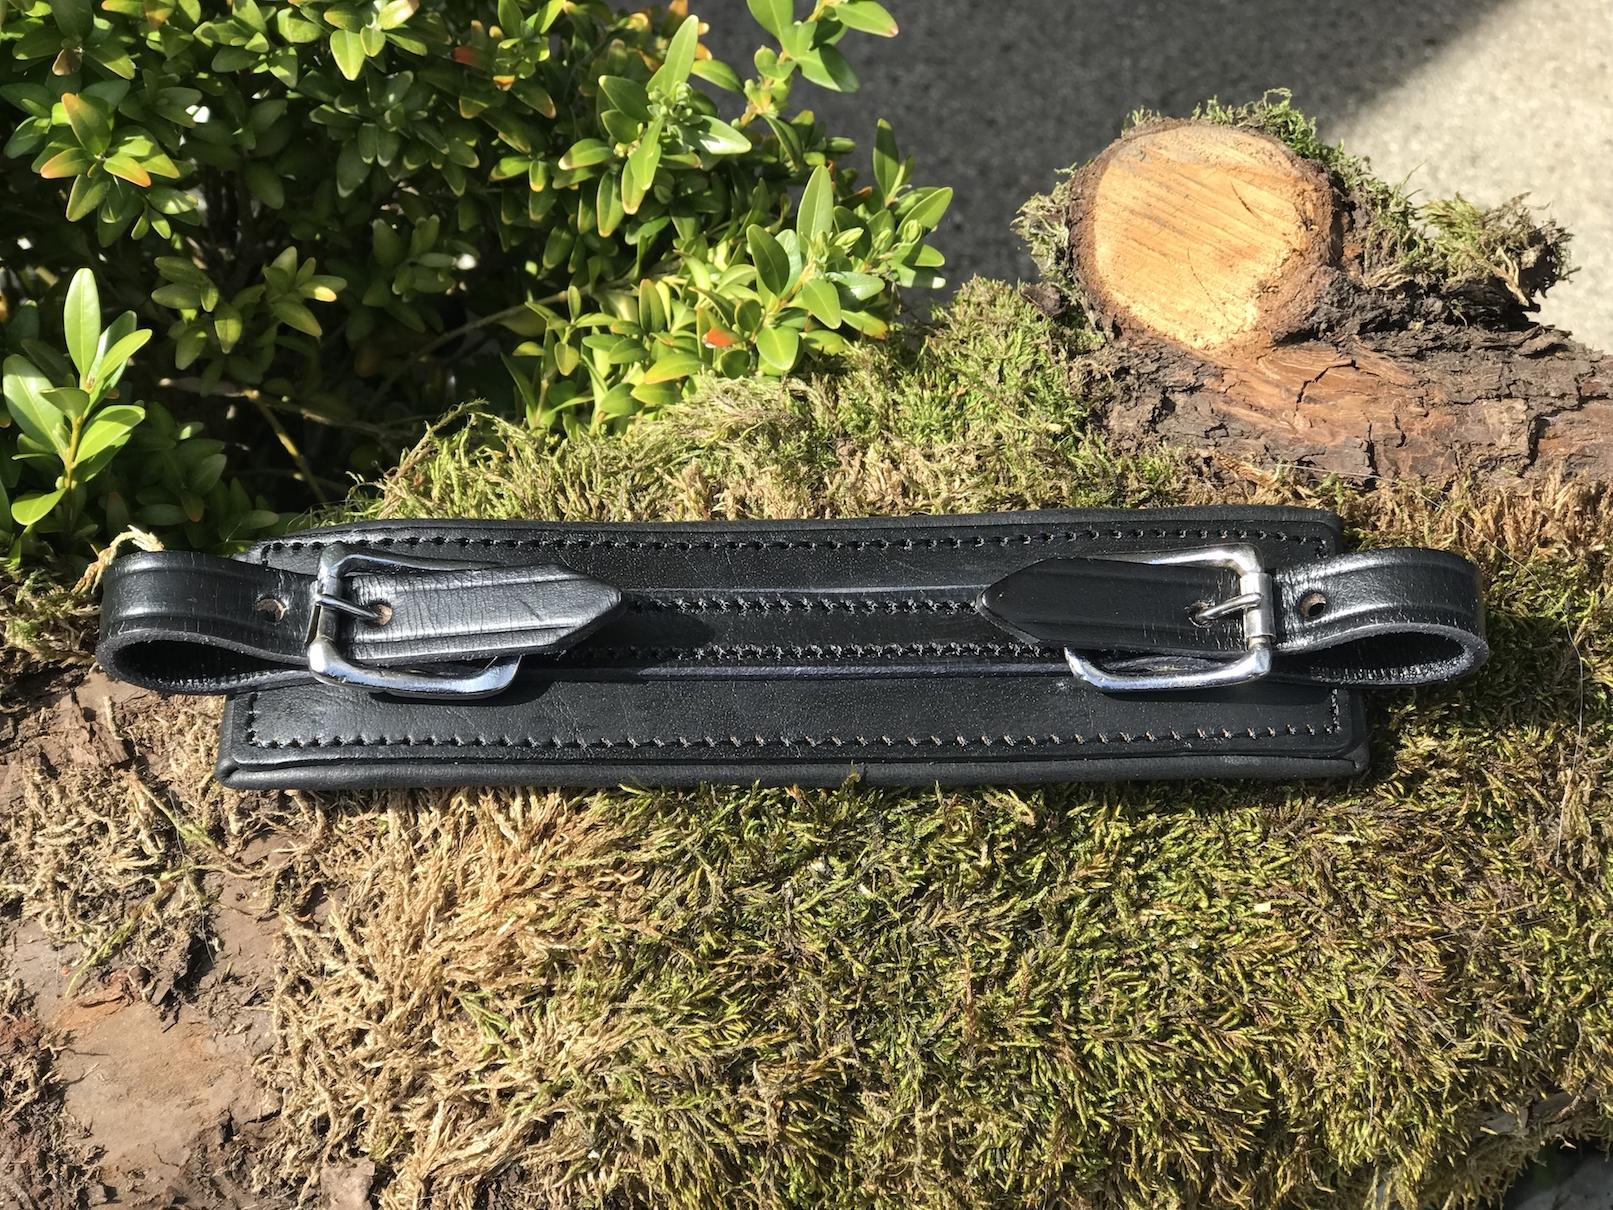 FATANO Nasenriemen für Hackamore und Gebissloses Reiten Leder schwarz 5031